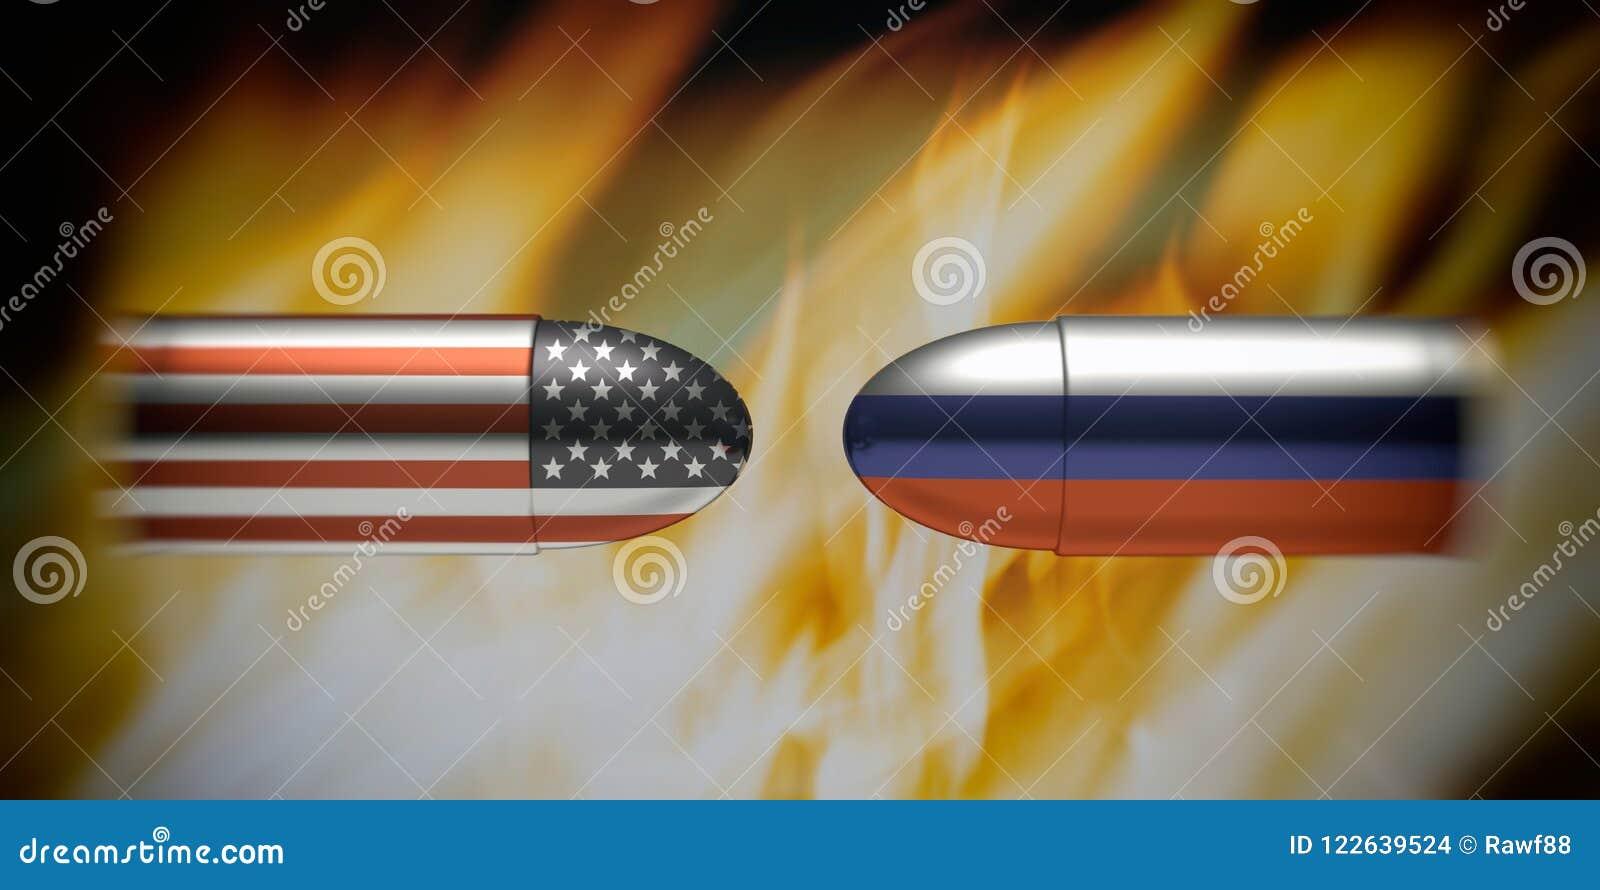 Έννοια σύγκρουσης των ΗΠΑ και της Ρωσίας Ρωσικά και αμερικανικές σημαίες στις σφαίρες, υπόβαθρο φλογών πυρκαγιάς